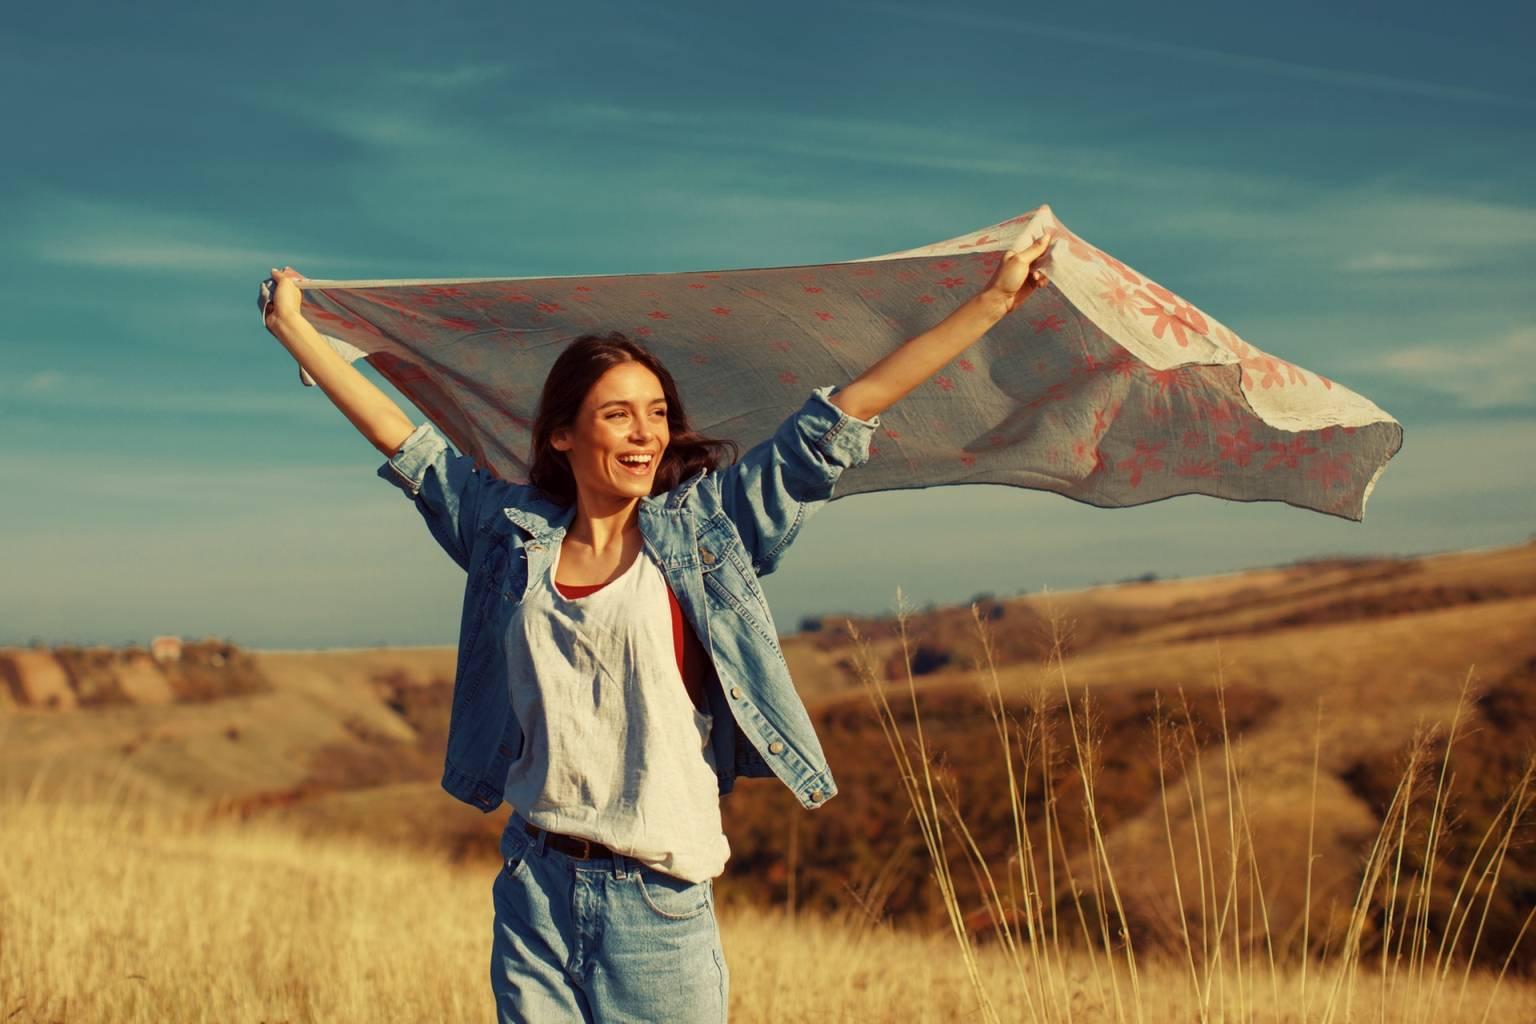 Odporność na stres - jak budować odporność psychiczną? Młoda kobieta stoi wśród łanów zbóż i unosi w górę powiewający na wietrze szal.